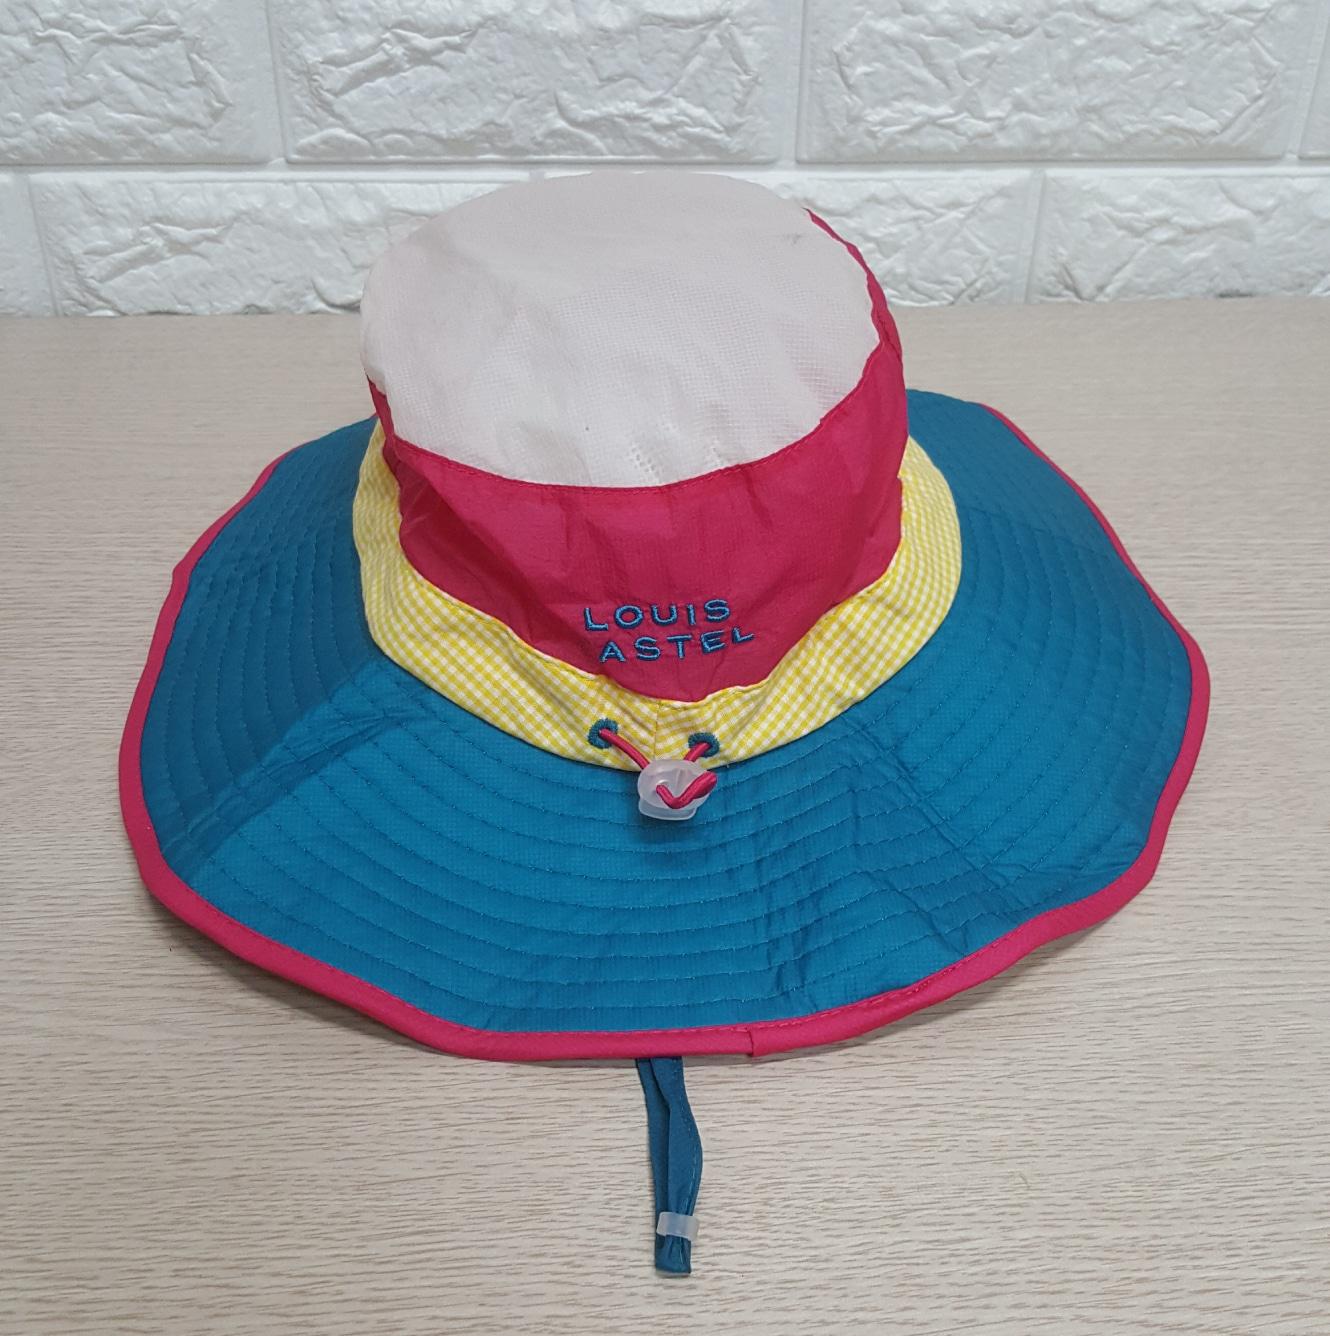 루이까스텔  모자